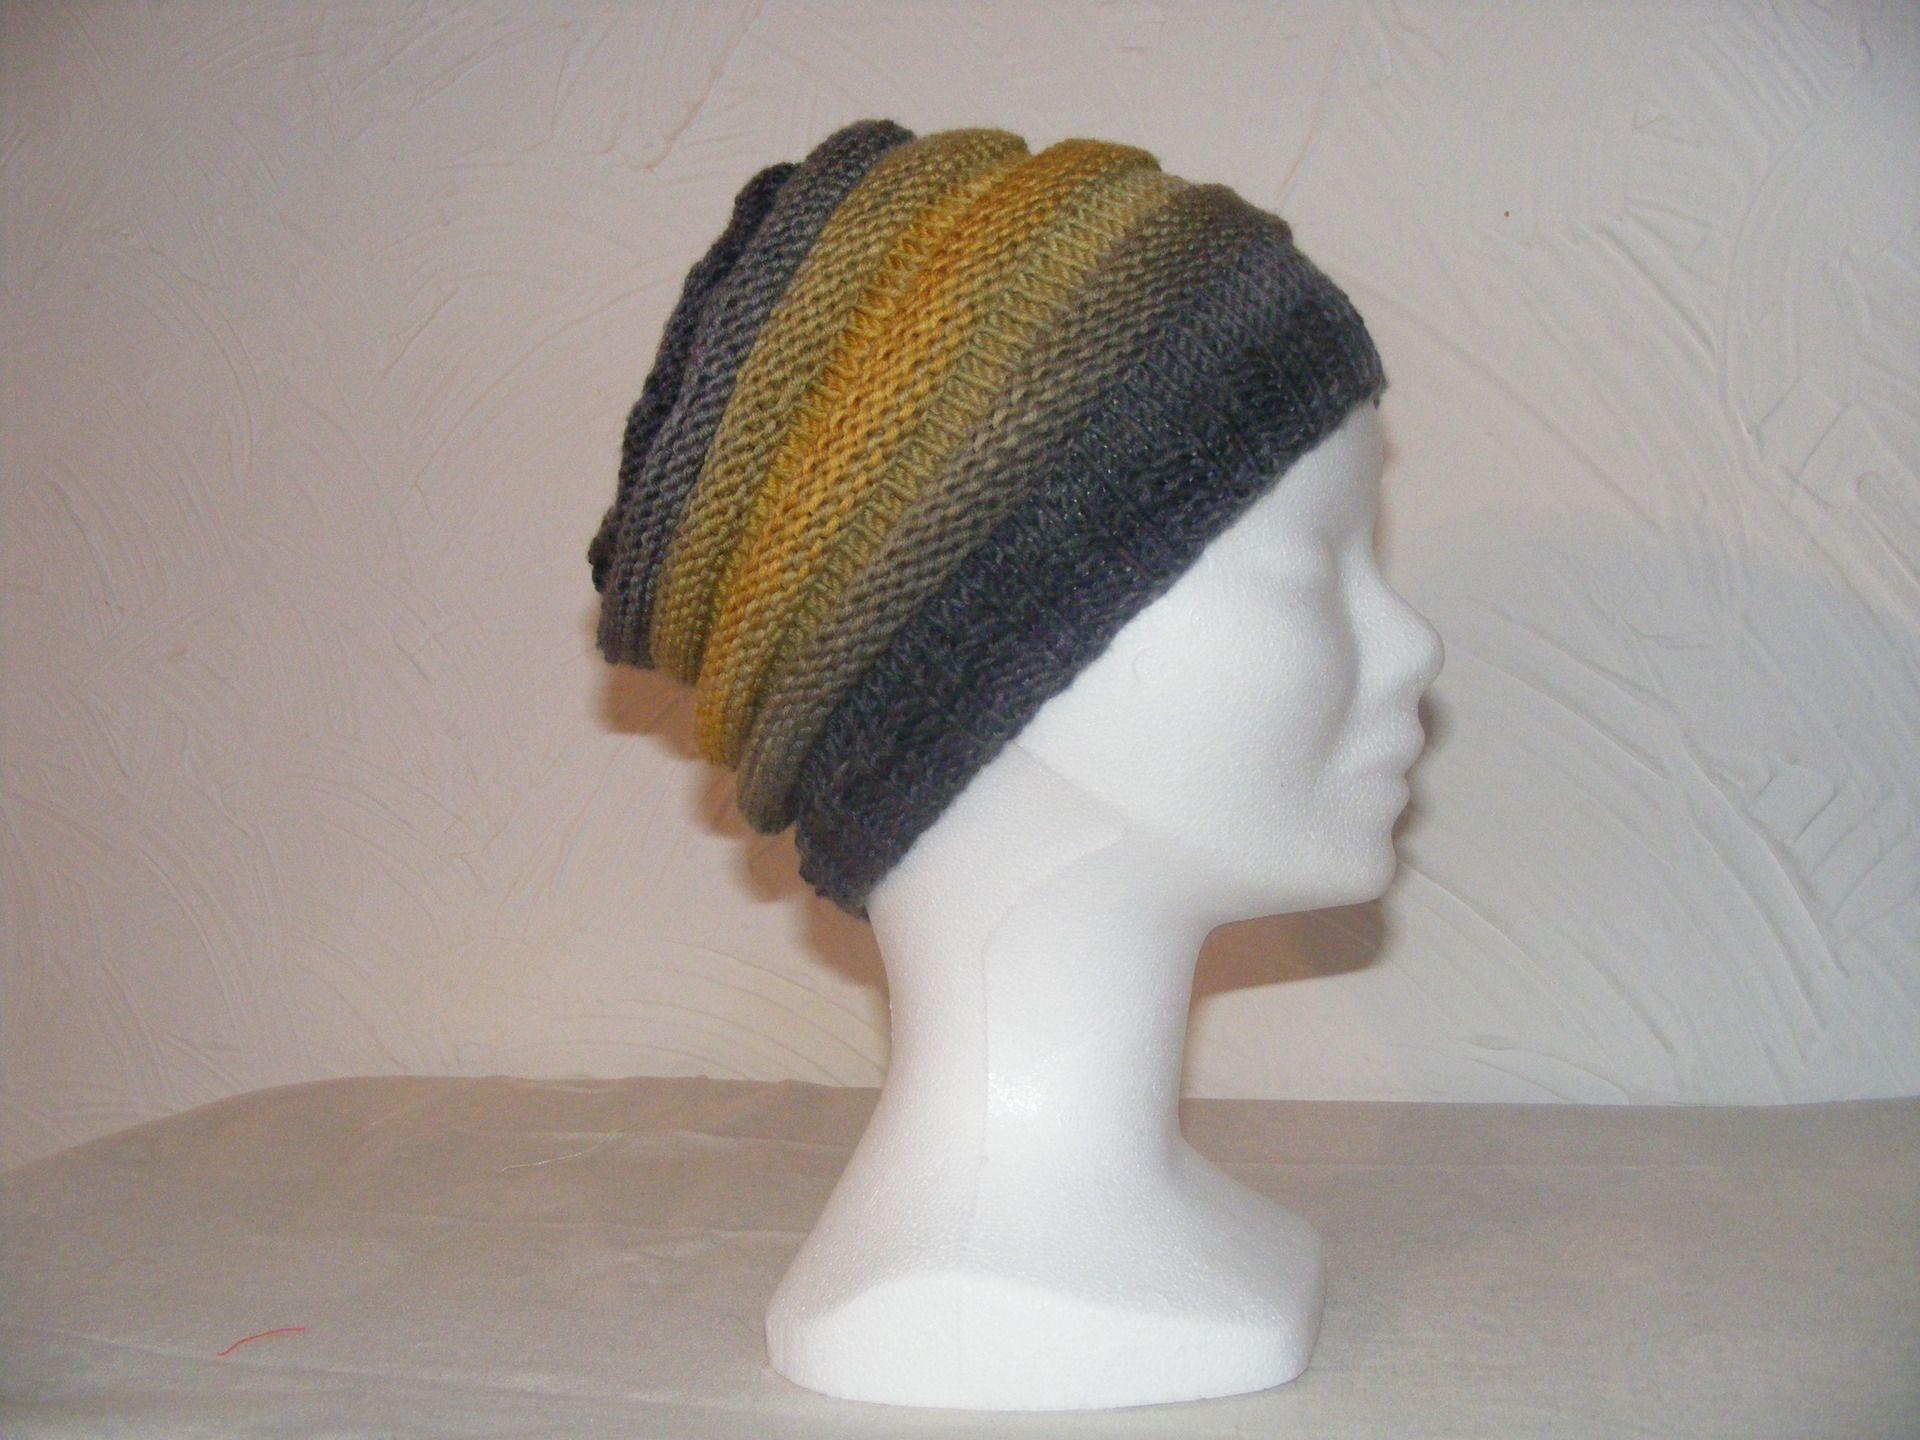 un bonnet chenille en dégradé de gris et moutarde' : Chapeau, bonnet par chat-alors